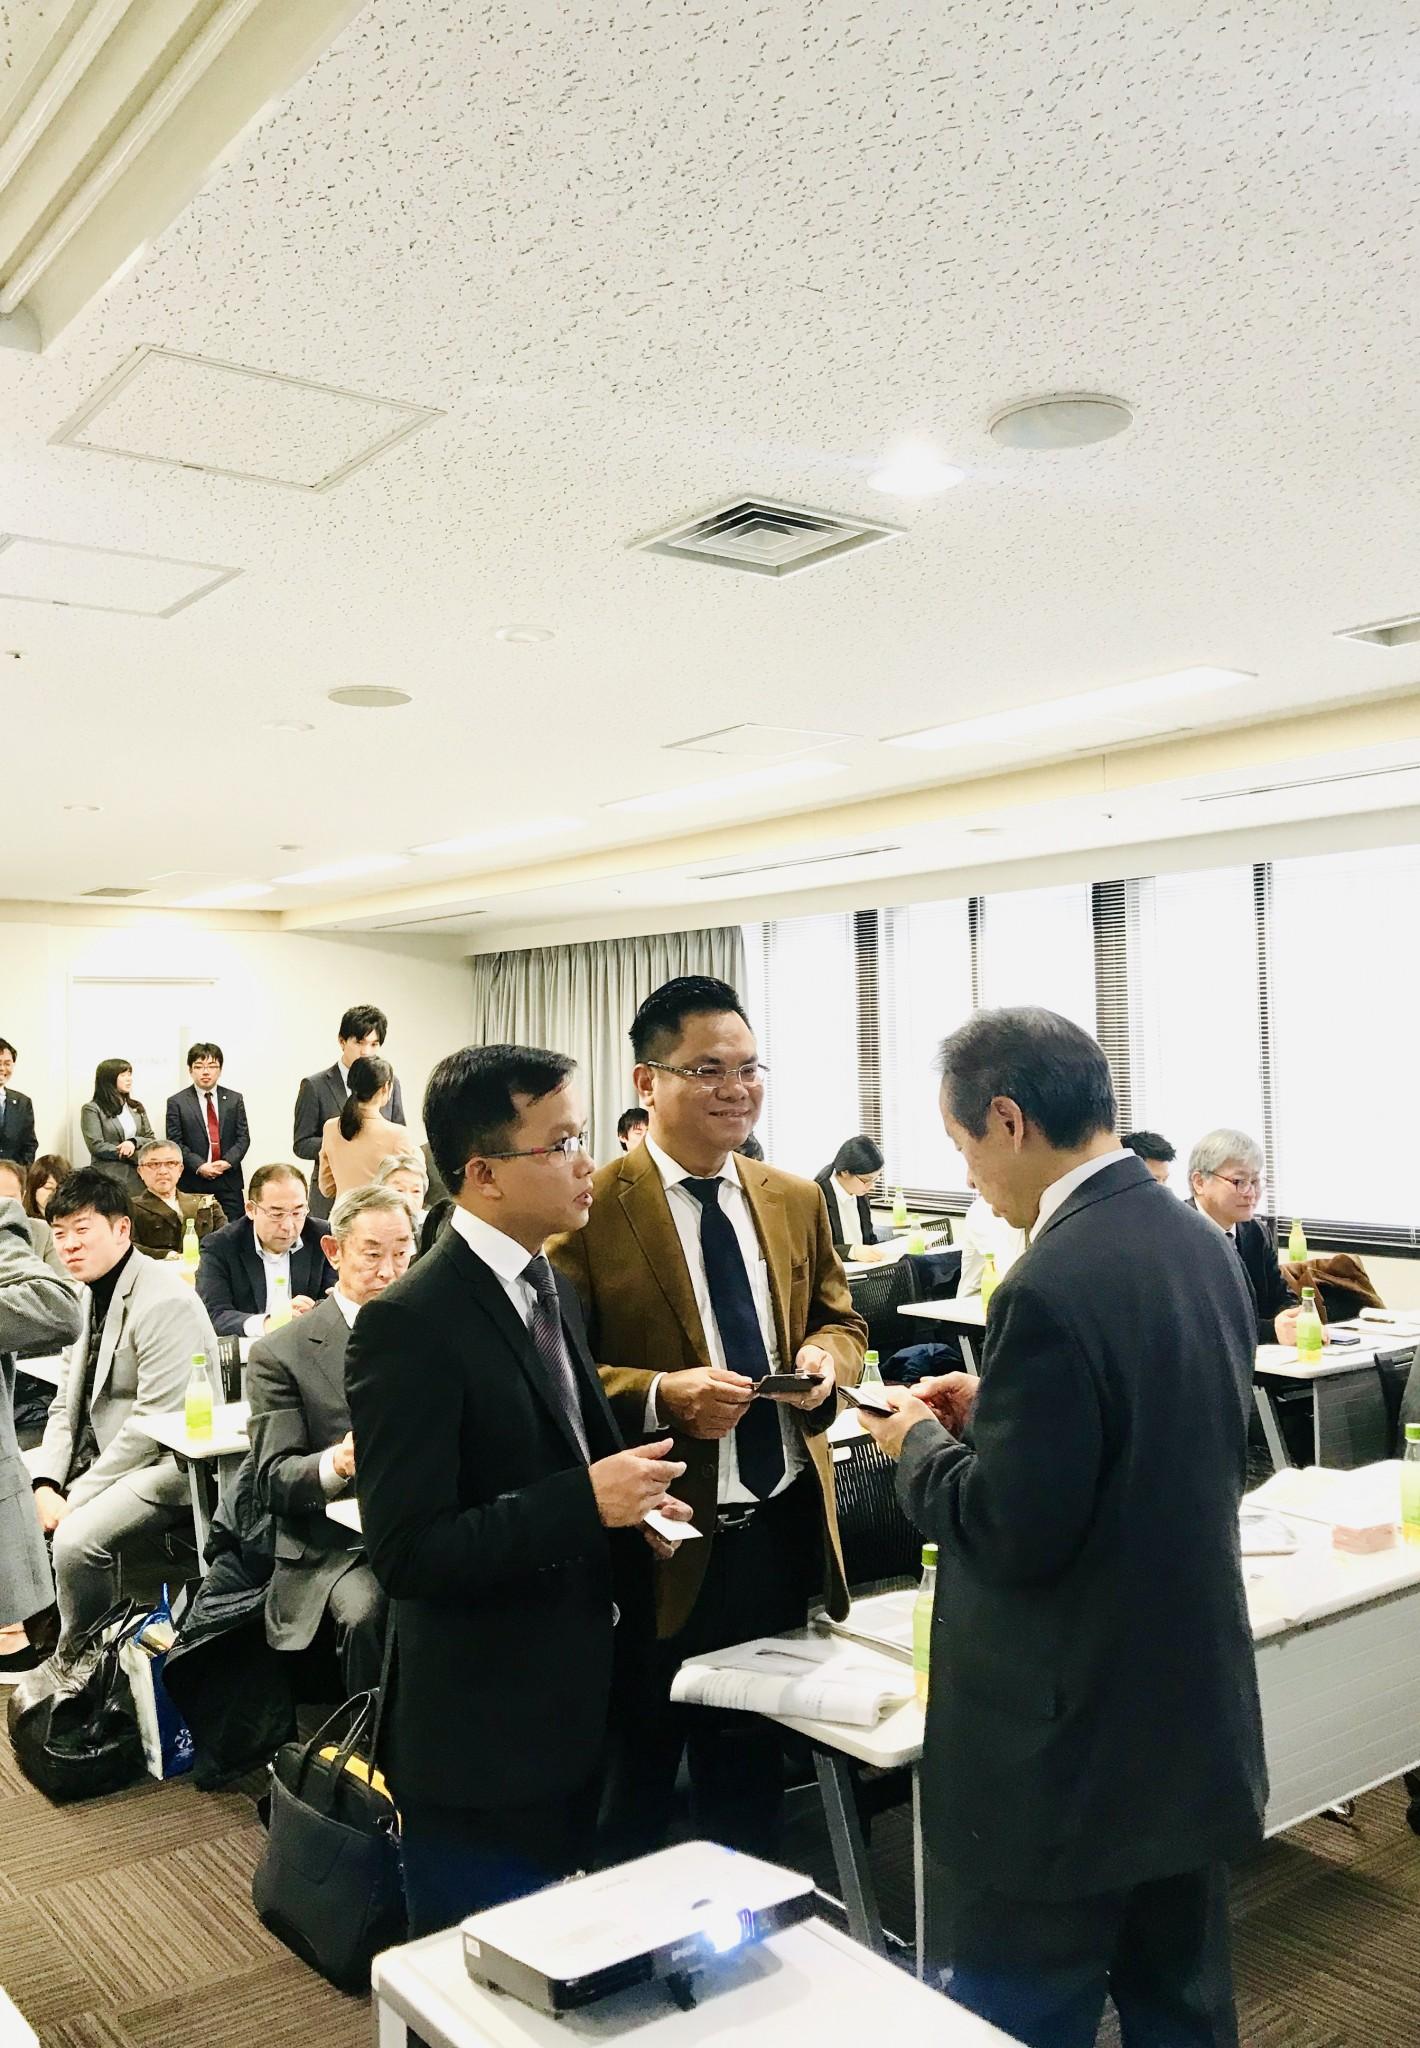 Luật sư Trần Trung Kiên tham gia giảng dạy chương trình Luật sư hội nhập quốc tế